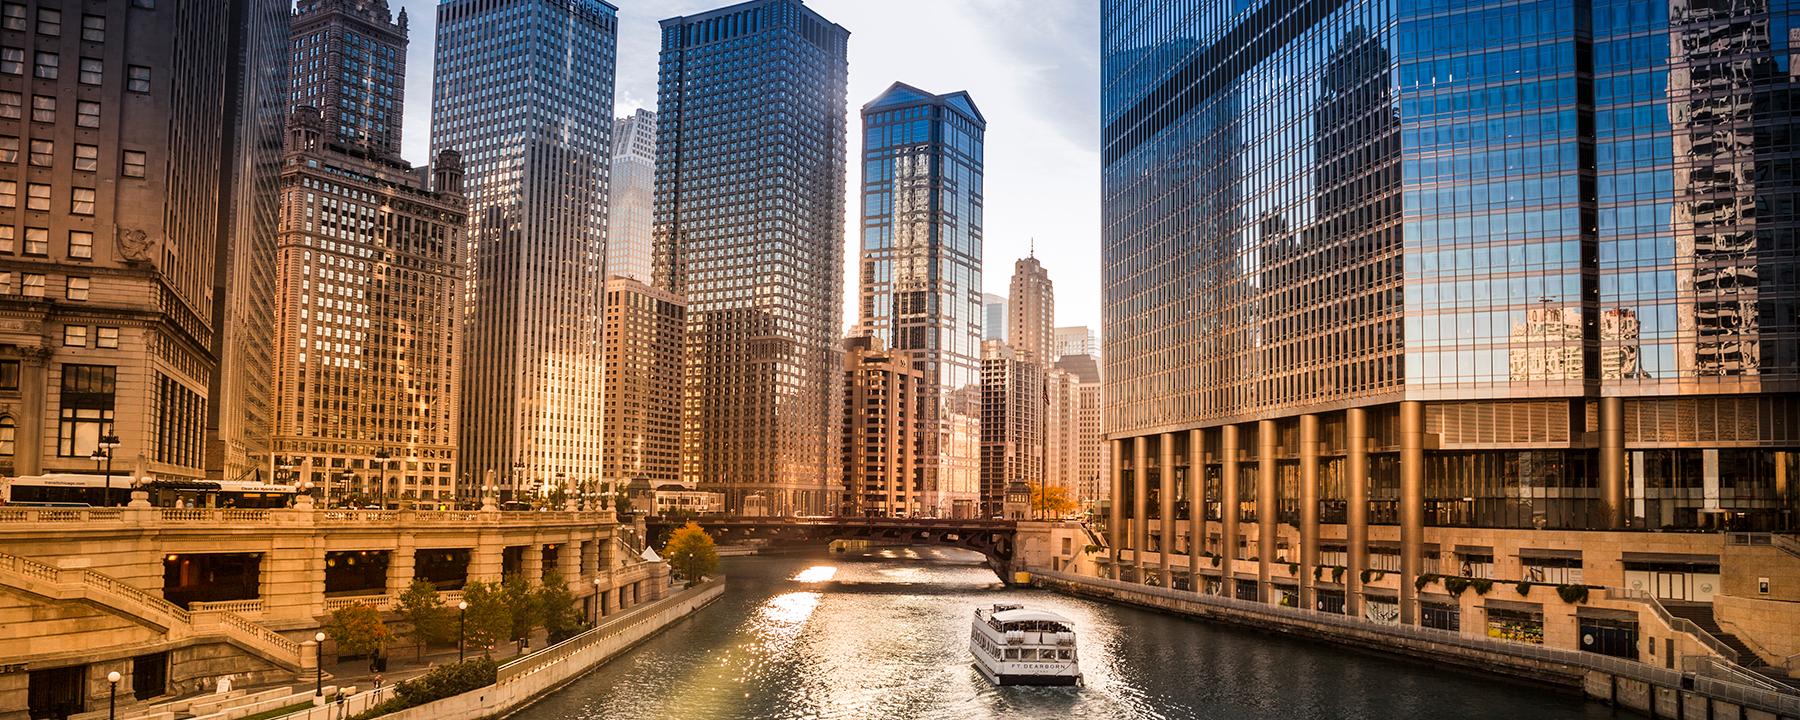 chicago header